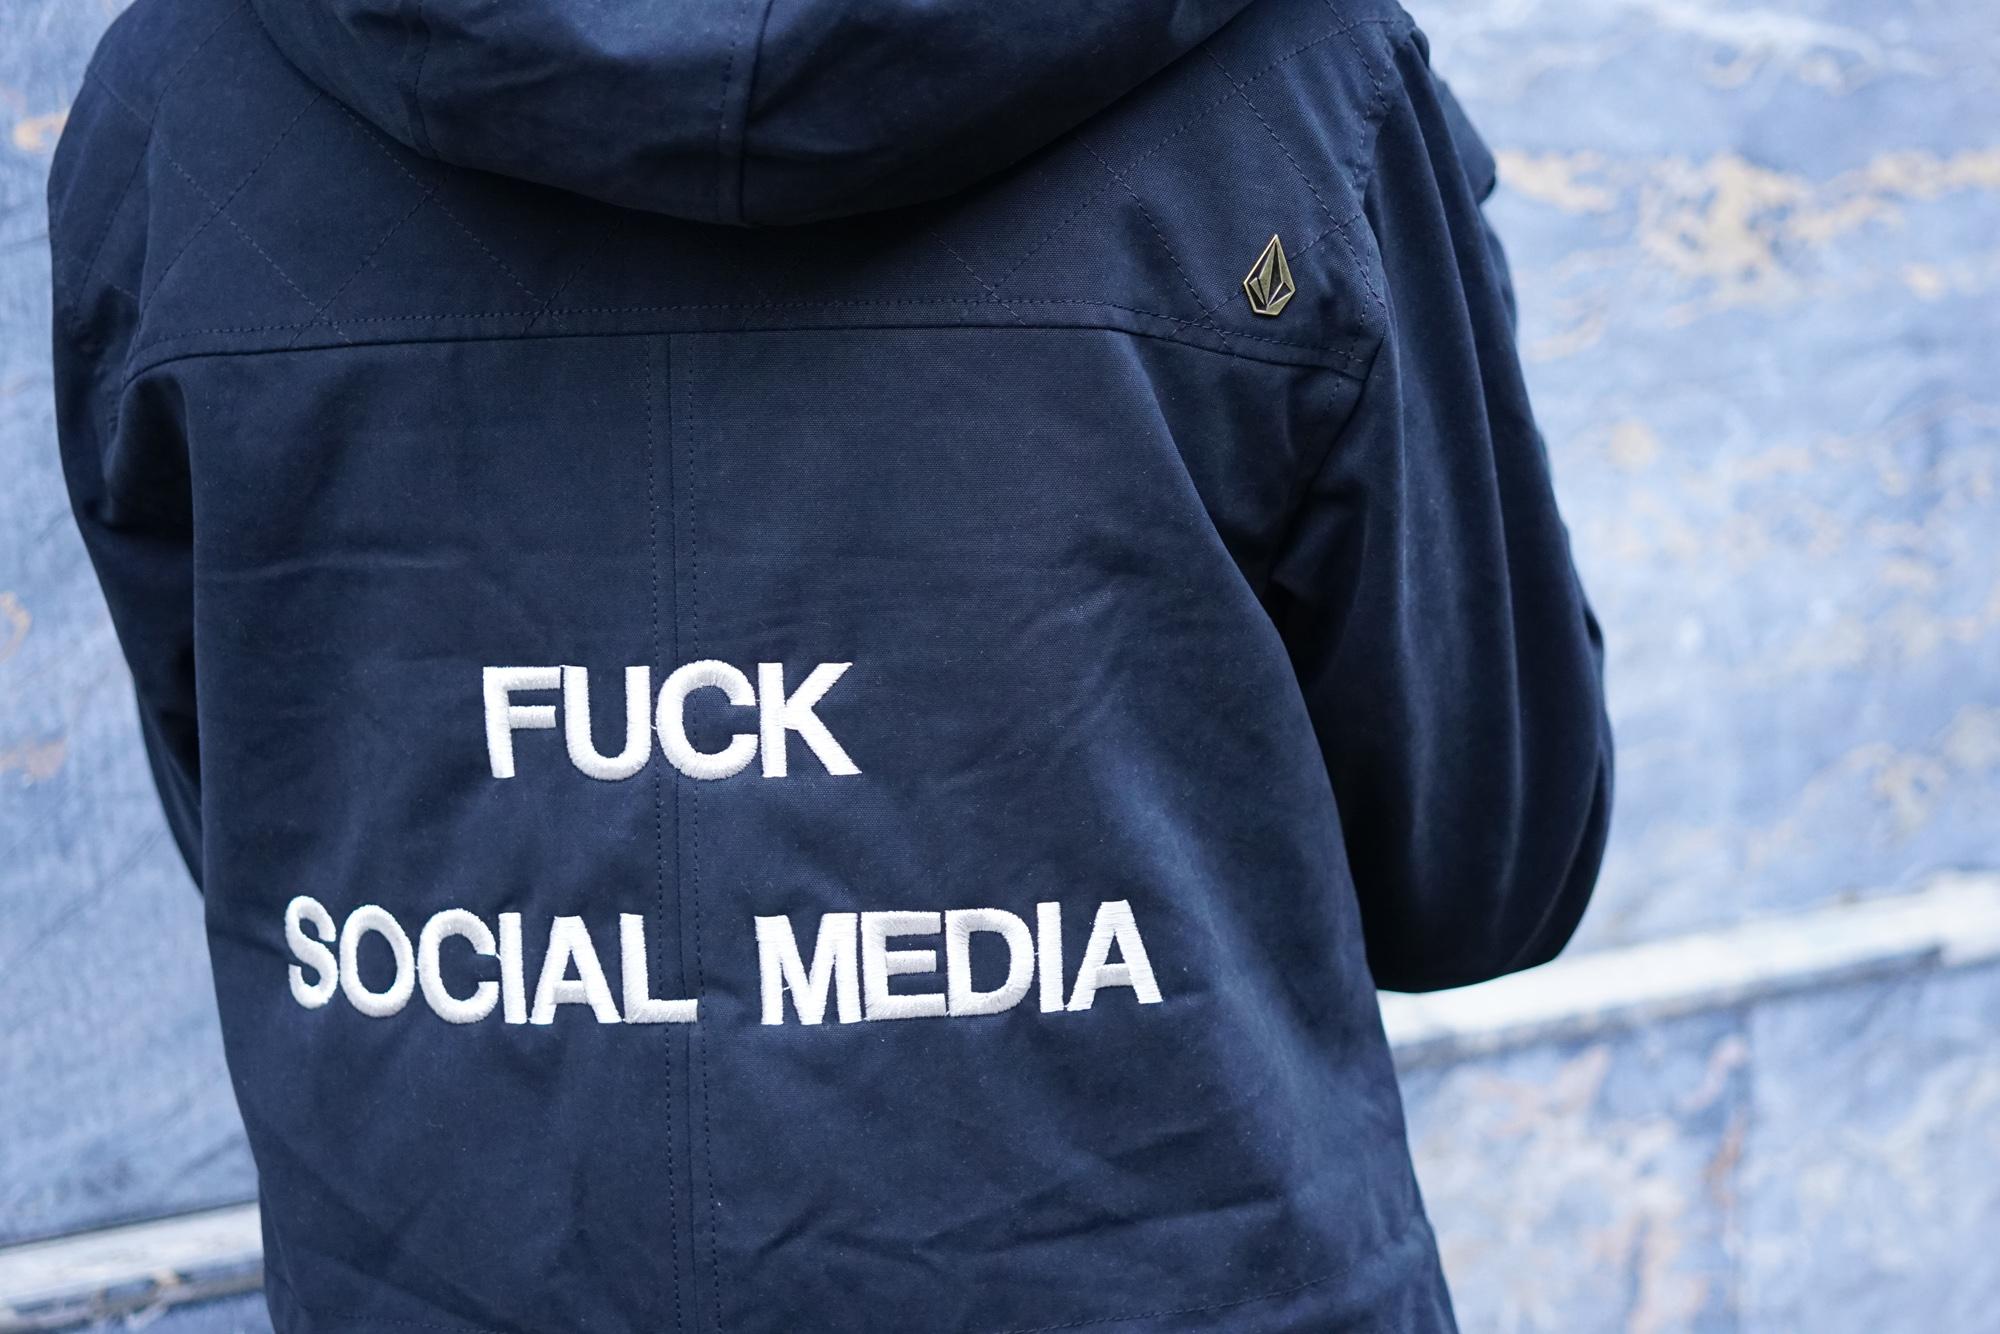 Fuck Social Media 6